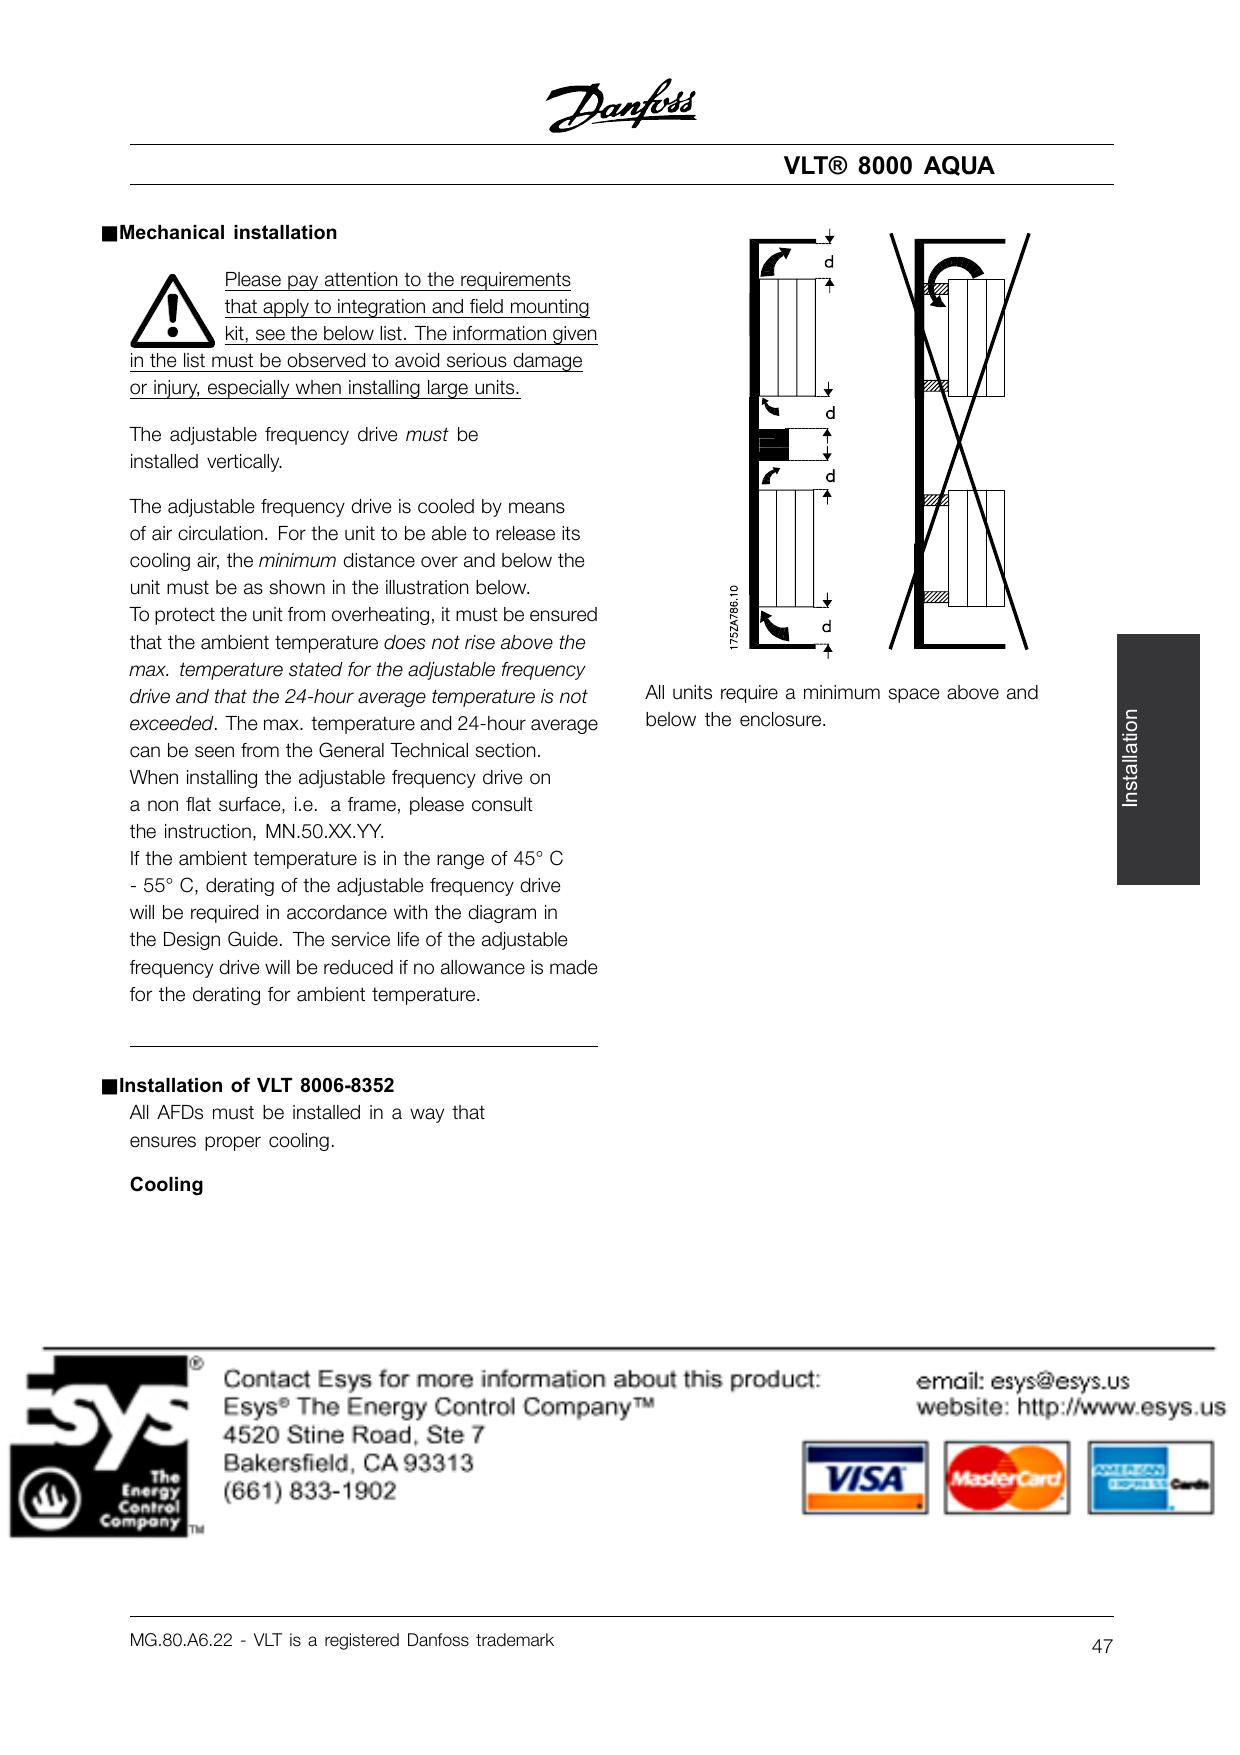 danfoss vlt 8000 aqua installation guide